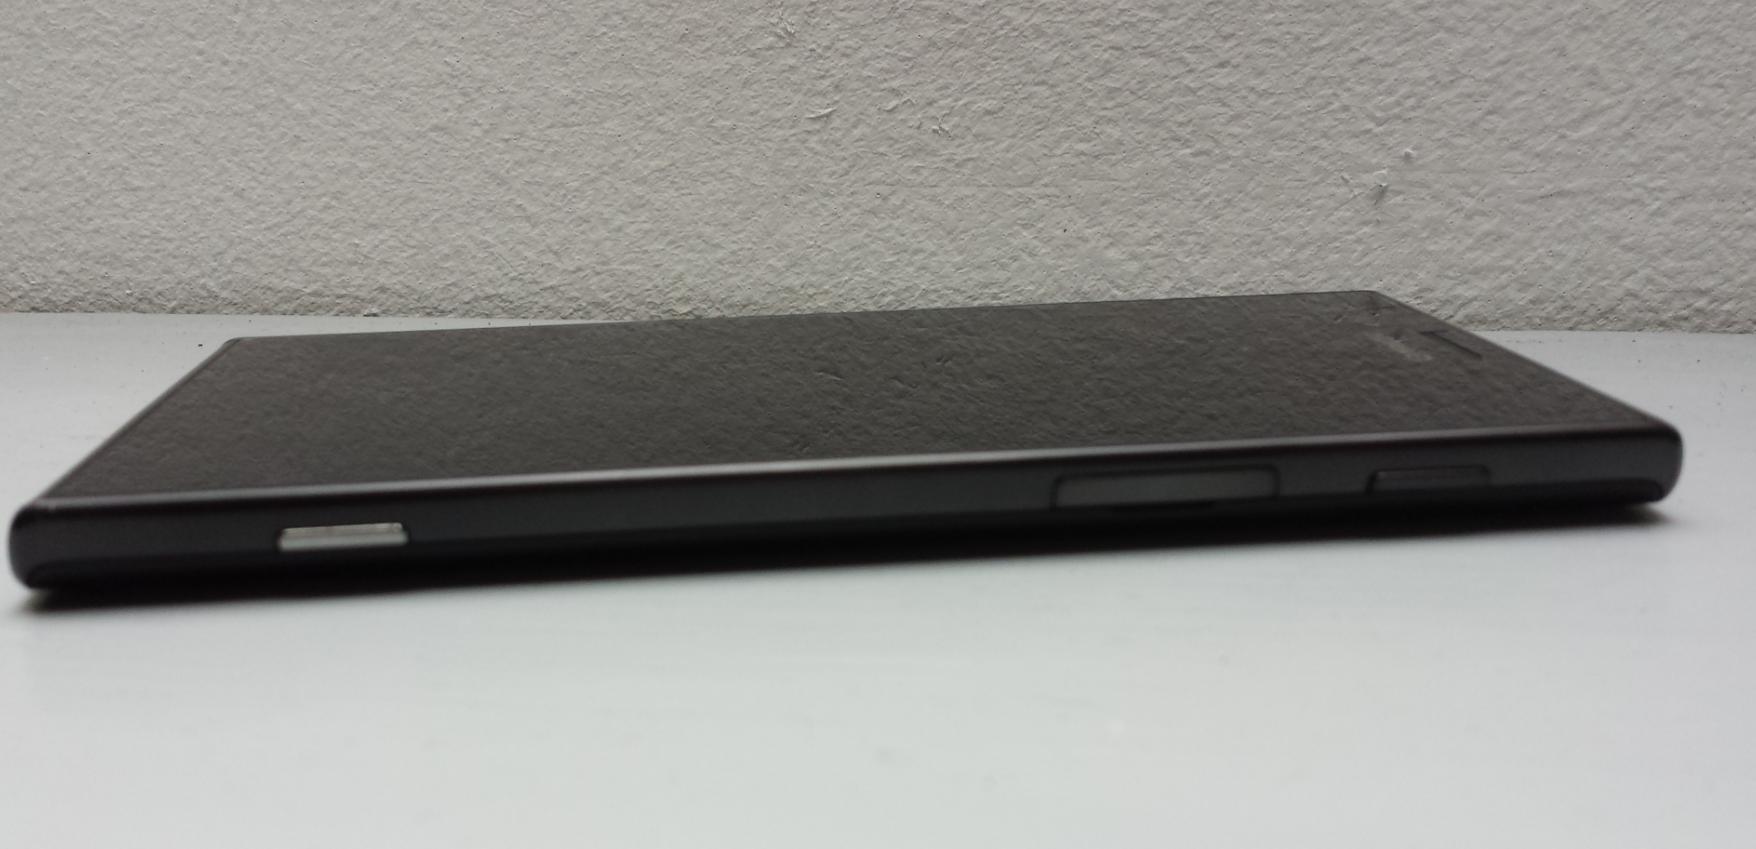 Huawei Ascend P2 test: Billig smartphone bider skeer med ...